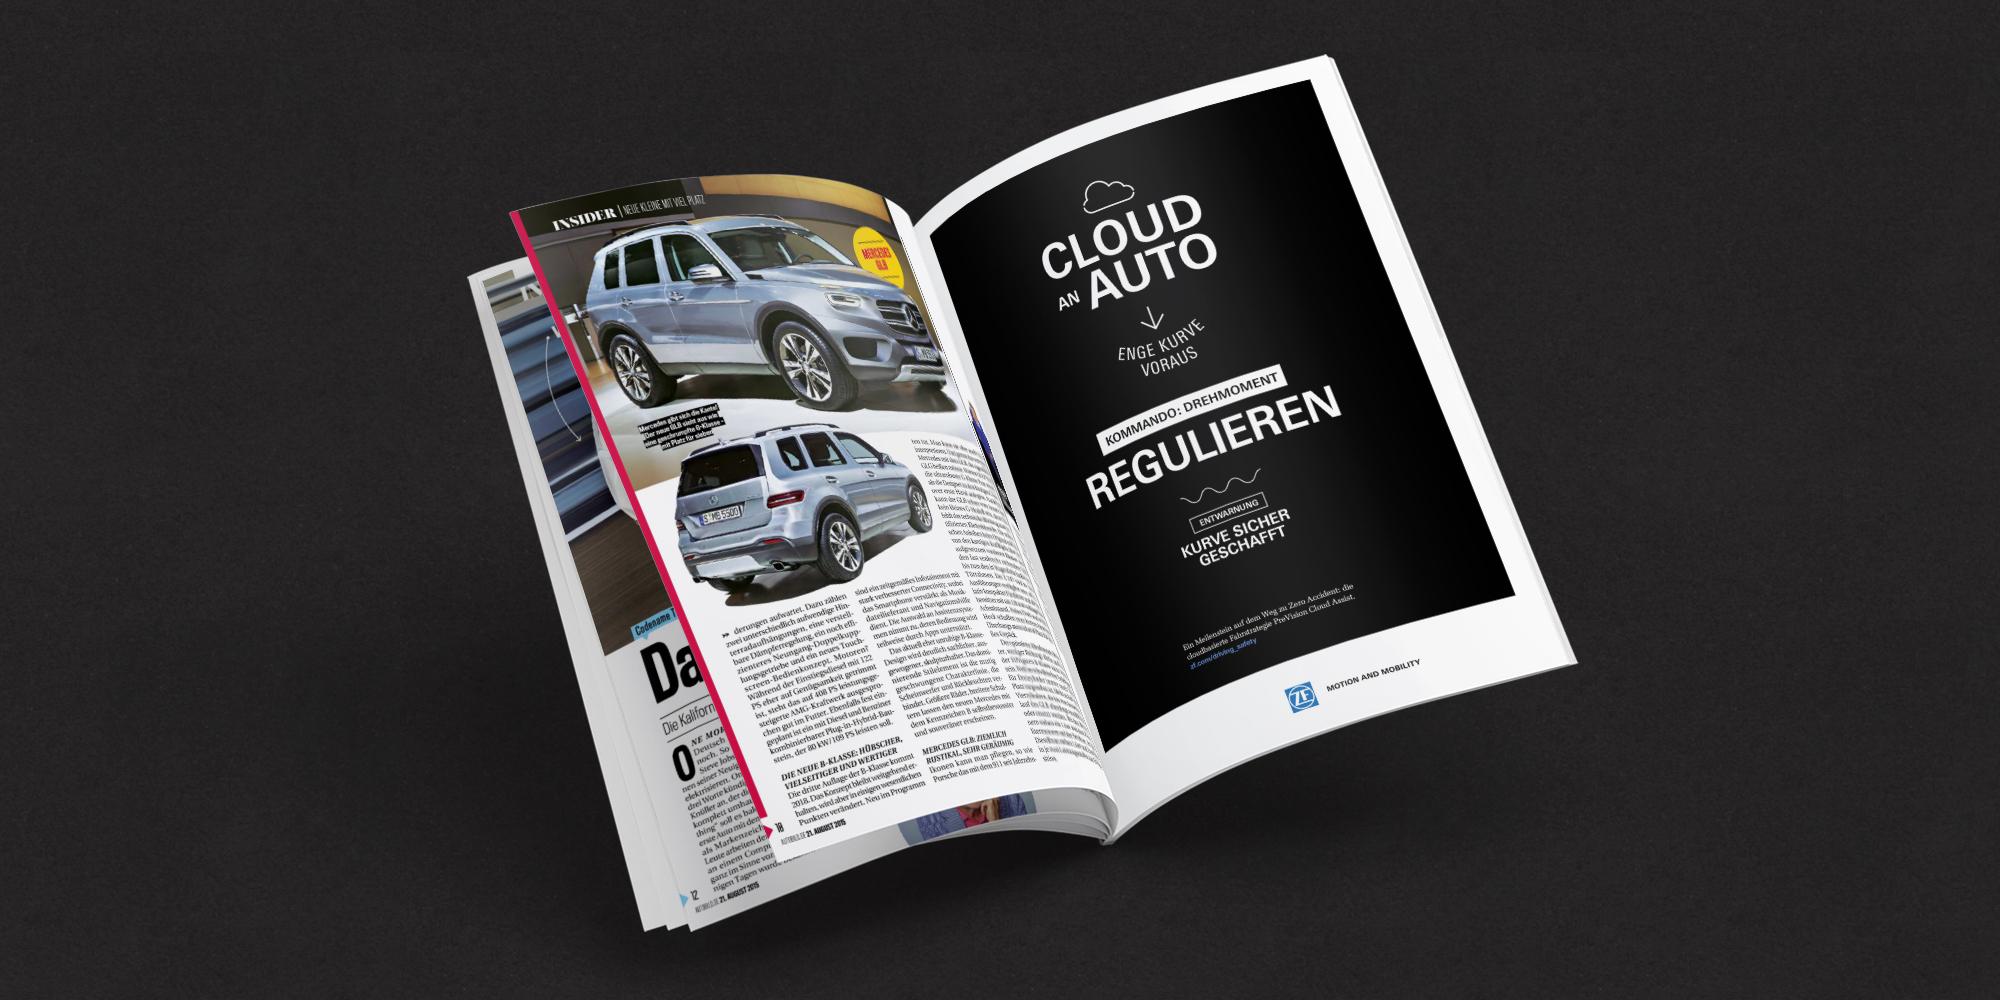 """Aufgeschlagene Magazinseite zeigt die Kampagne Automatisiertes Fahren von ZF: """"Cloud an Auto – Enge Kurve voraus –Kommando: Drehmoment regulieren. Entwarnung: Kurve geschafft."""